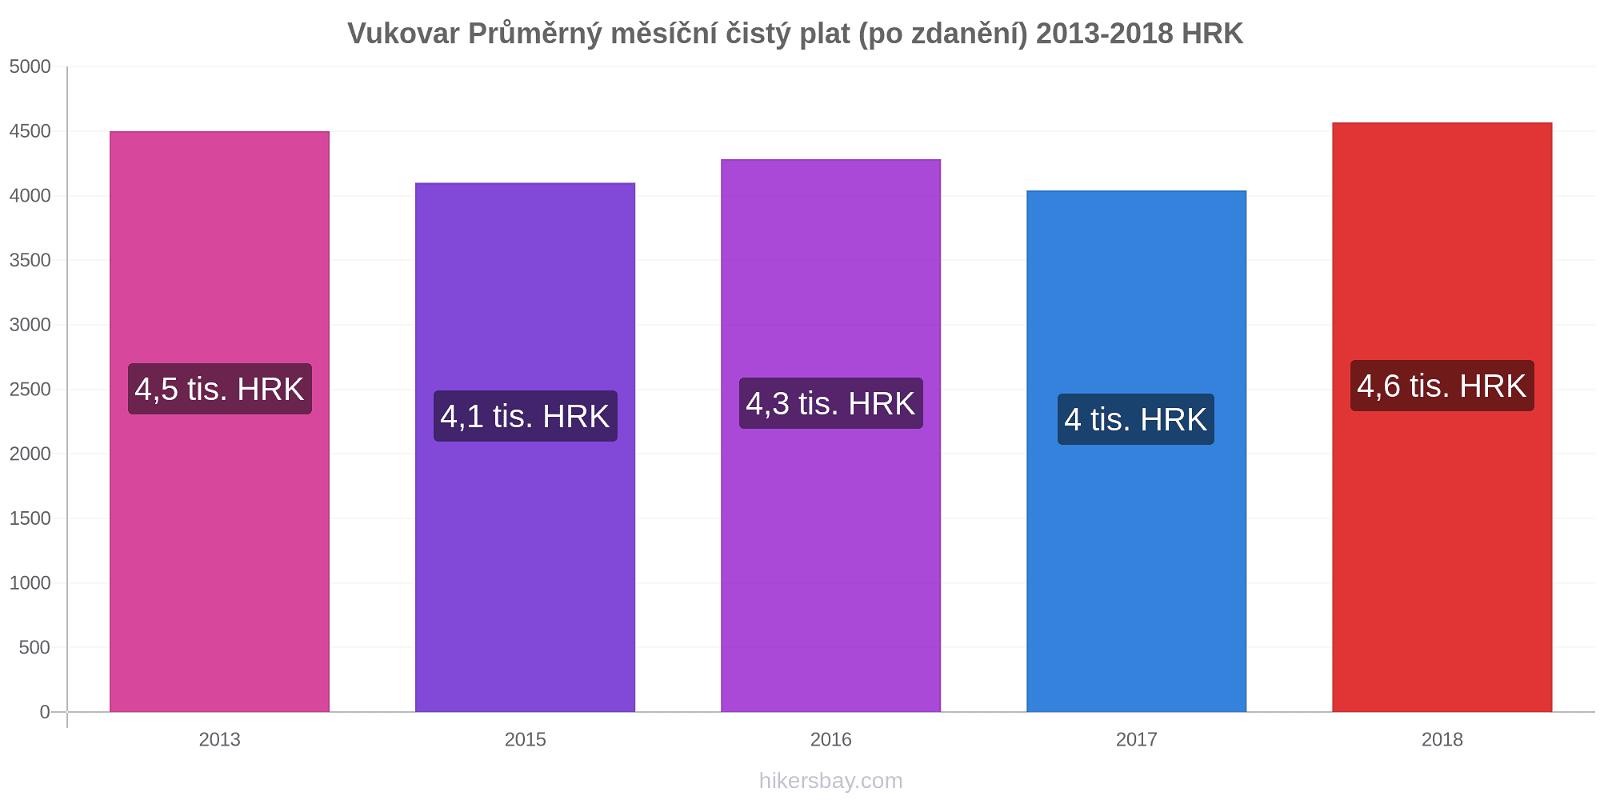 Vukovar změny cen Průměrný měsíční čistý plat (po zdanění) hikersbay.com